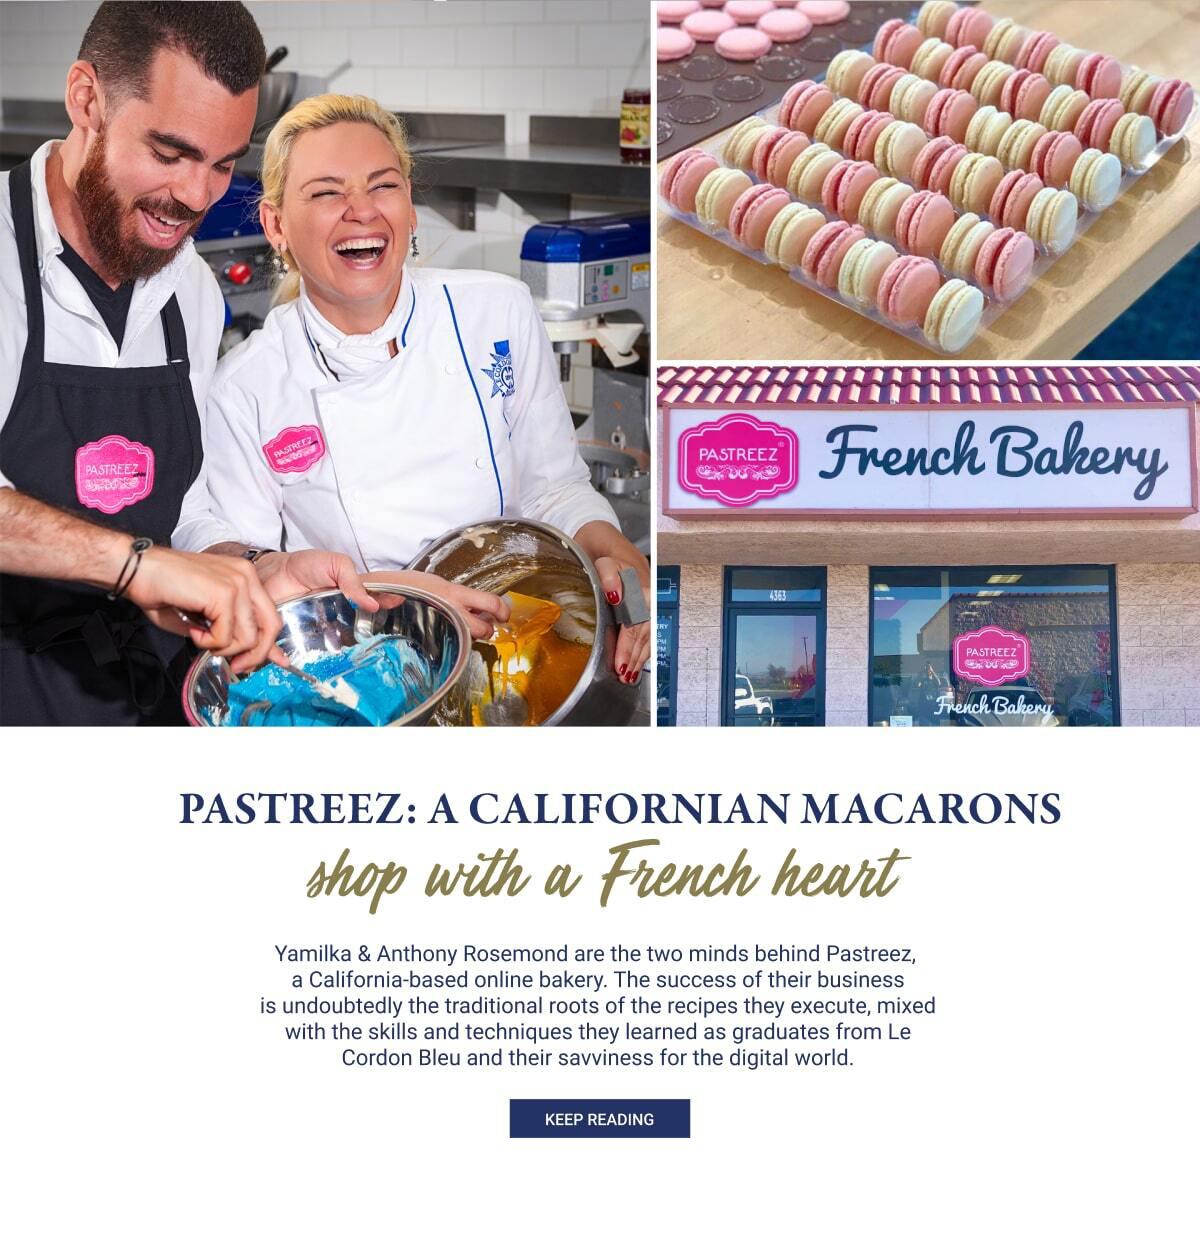 Pastreez: A Californian macarons